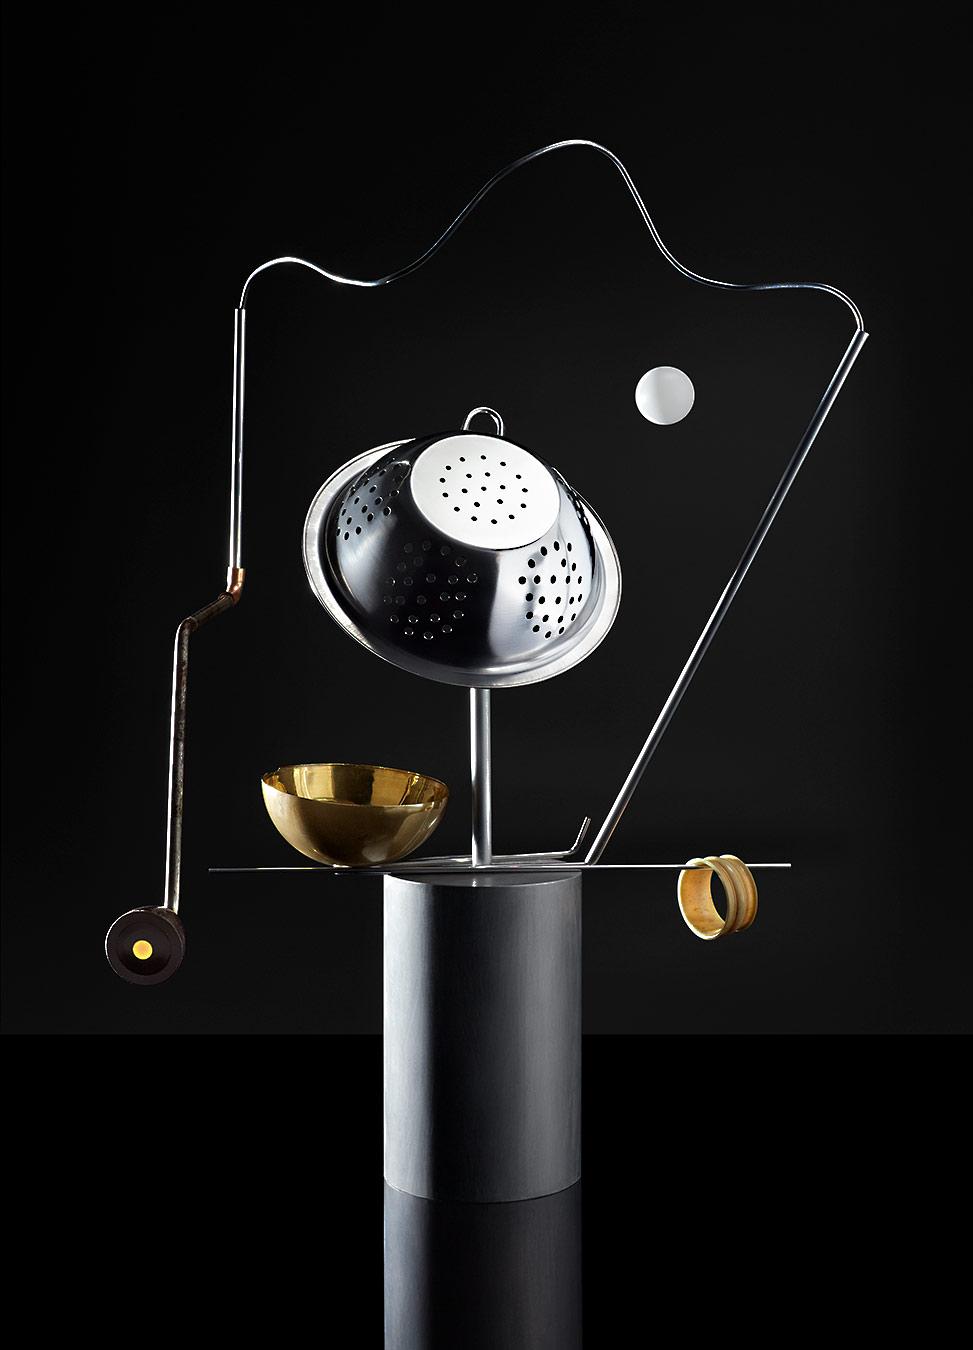 hattie newman kitchen set design